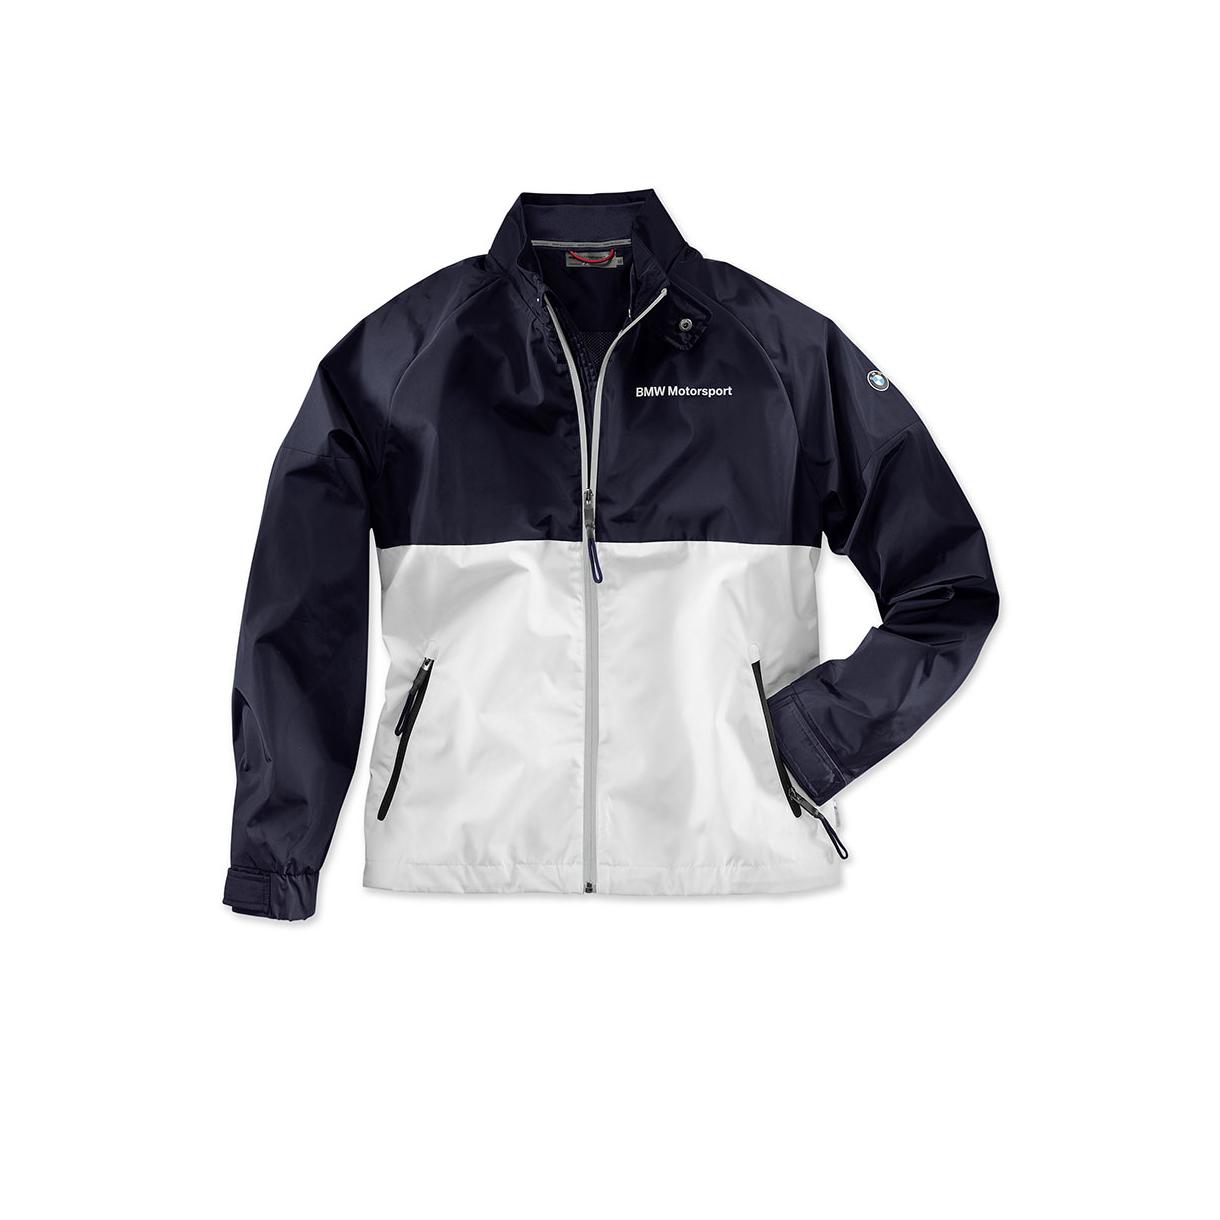 veste blanche homme bmw veste homme bmw motorsport soft. Black Bedroom Furniture Sets. Home Design Ideas